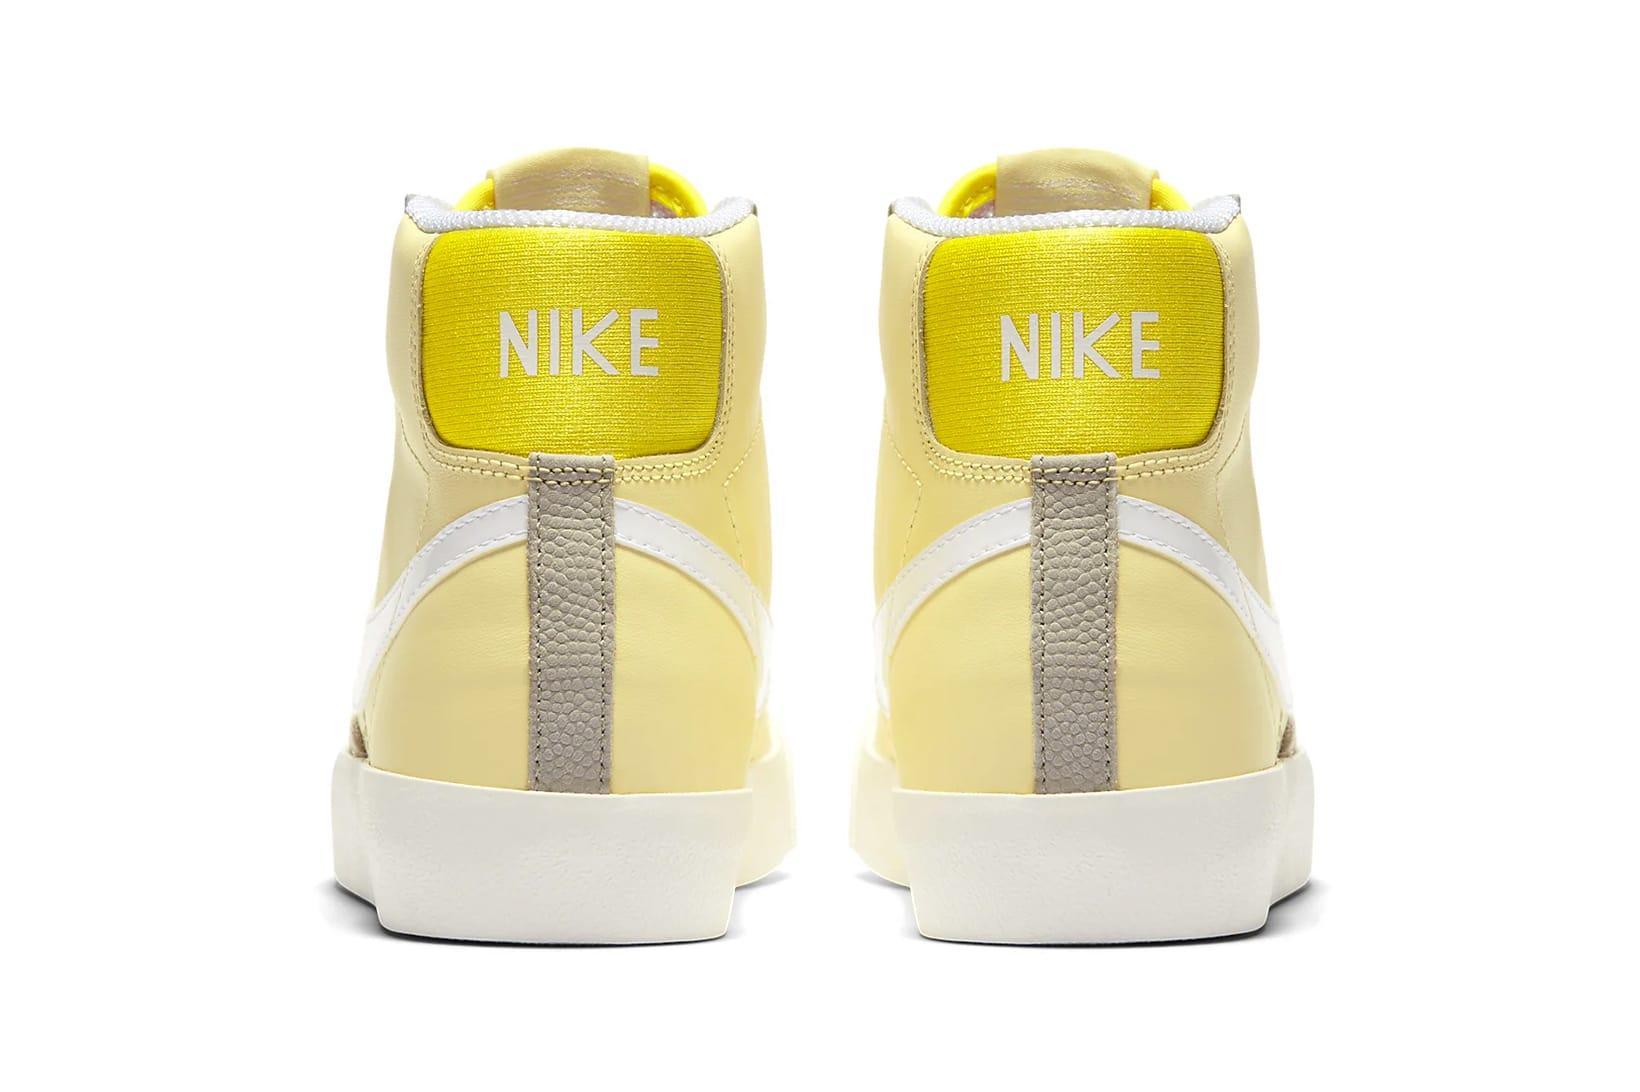 Nike Blazer Mid '77 Pastel Yellow/White